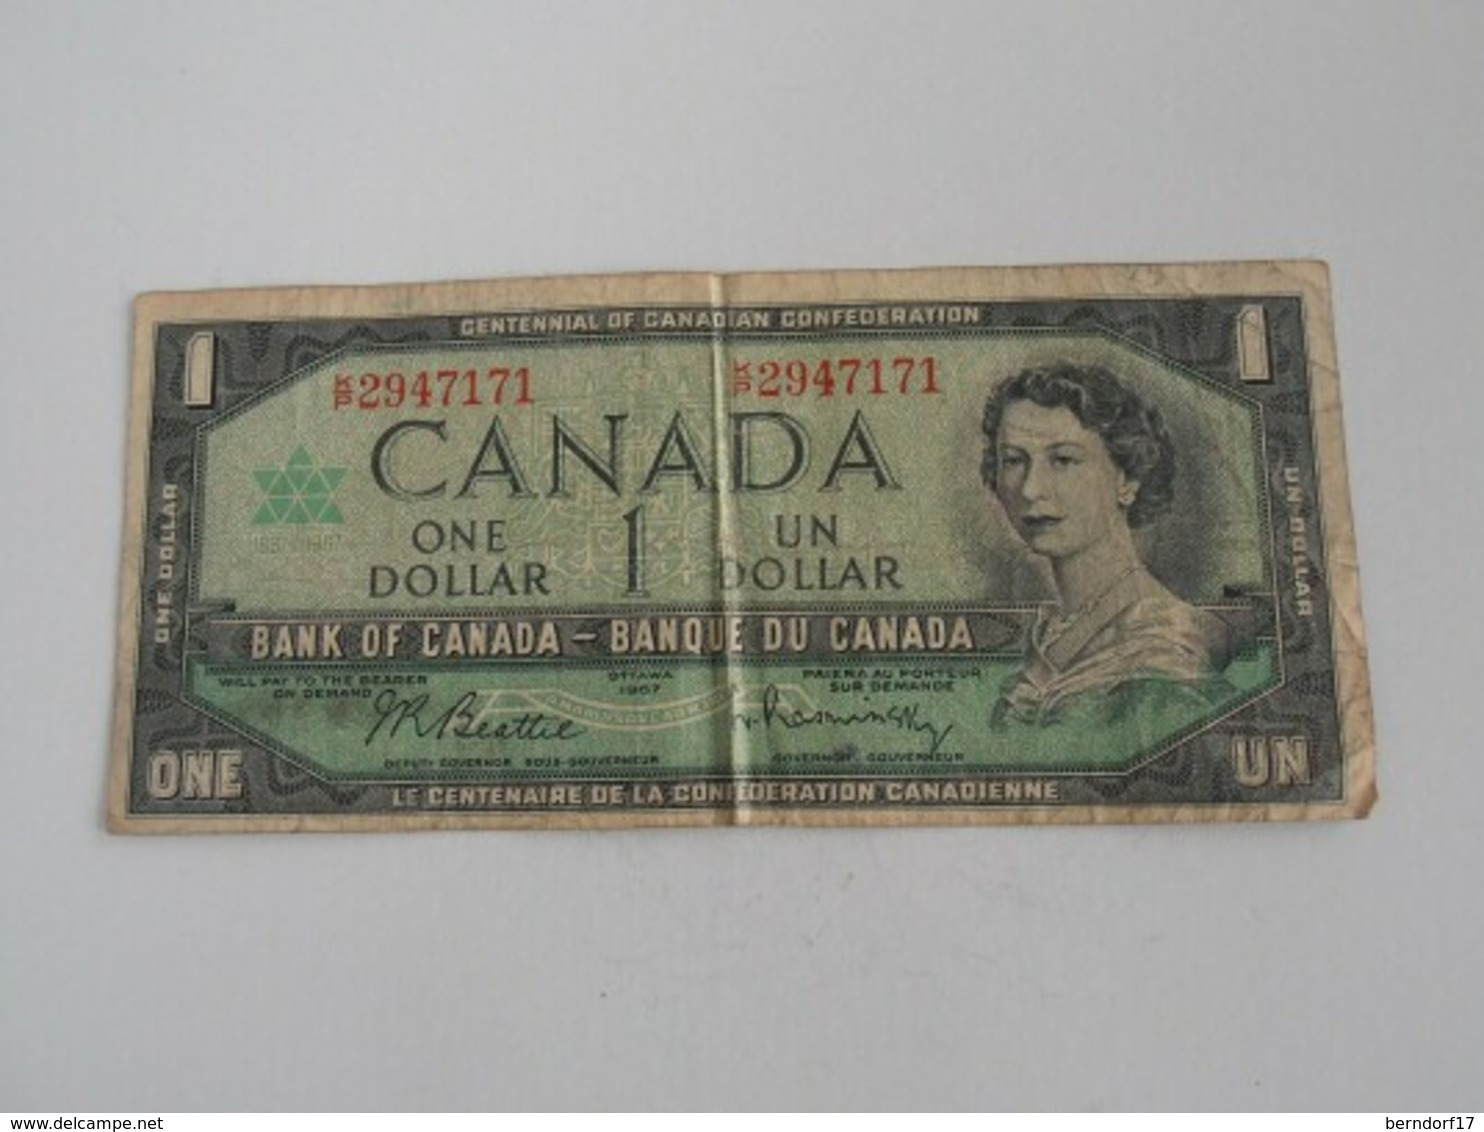 Canada 1 Dollar - Canada